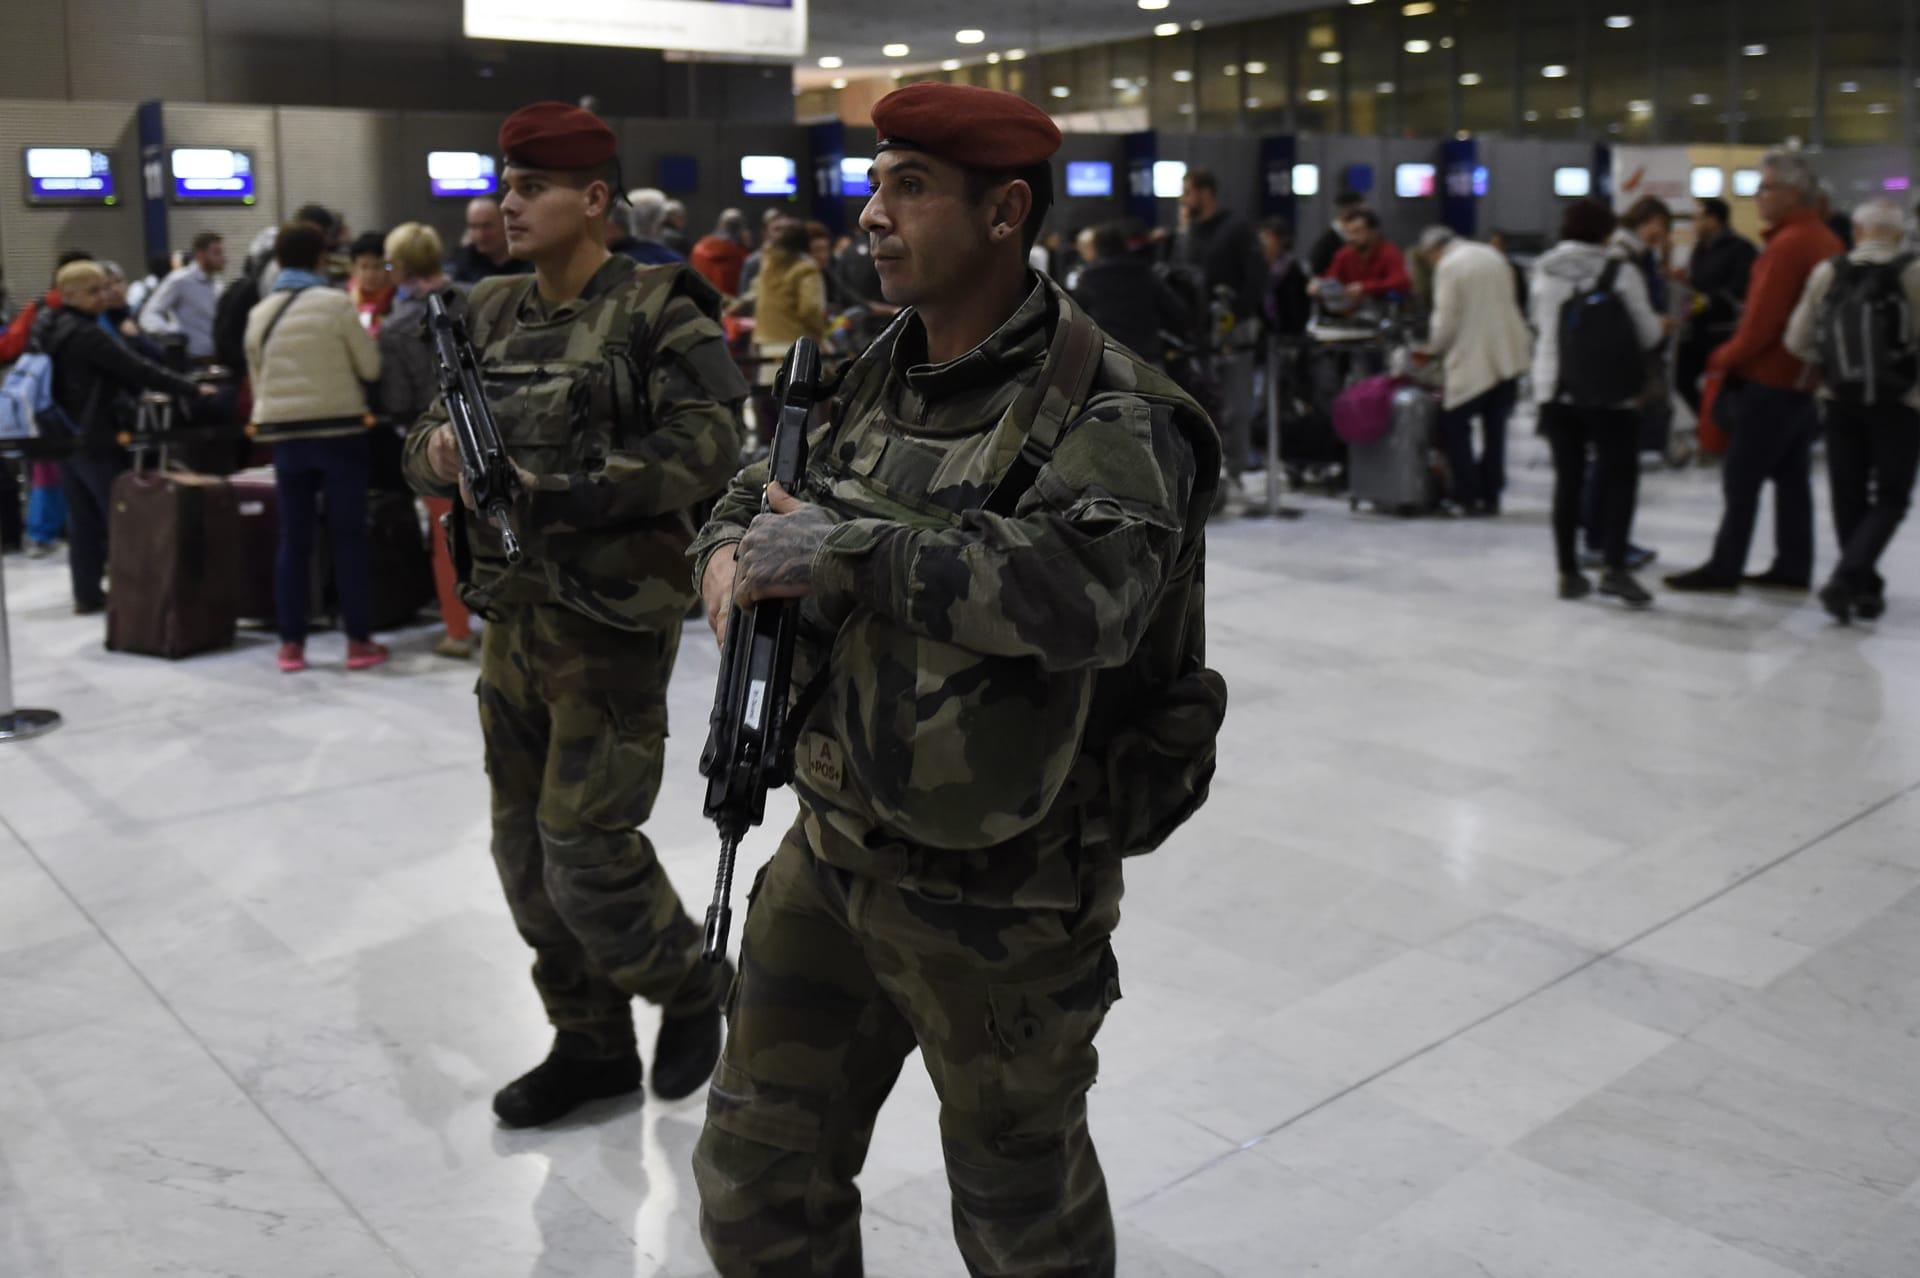 """وثيقة سرية تُظهر """"مواقع غير قانونية للصلاة"""" بمطارات فرنسا.. ومصدر لـCNN: أكثر من 100 عامل بالنقل العام سافروا إلى سوريا منذ 2012"""